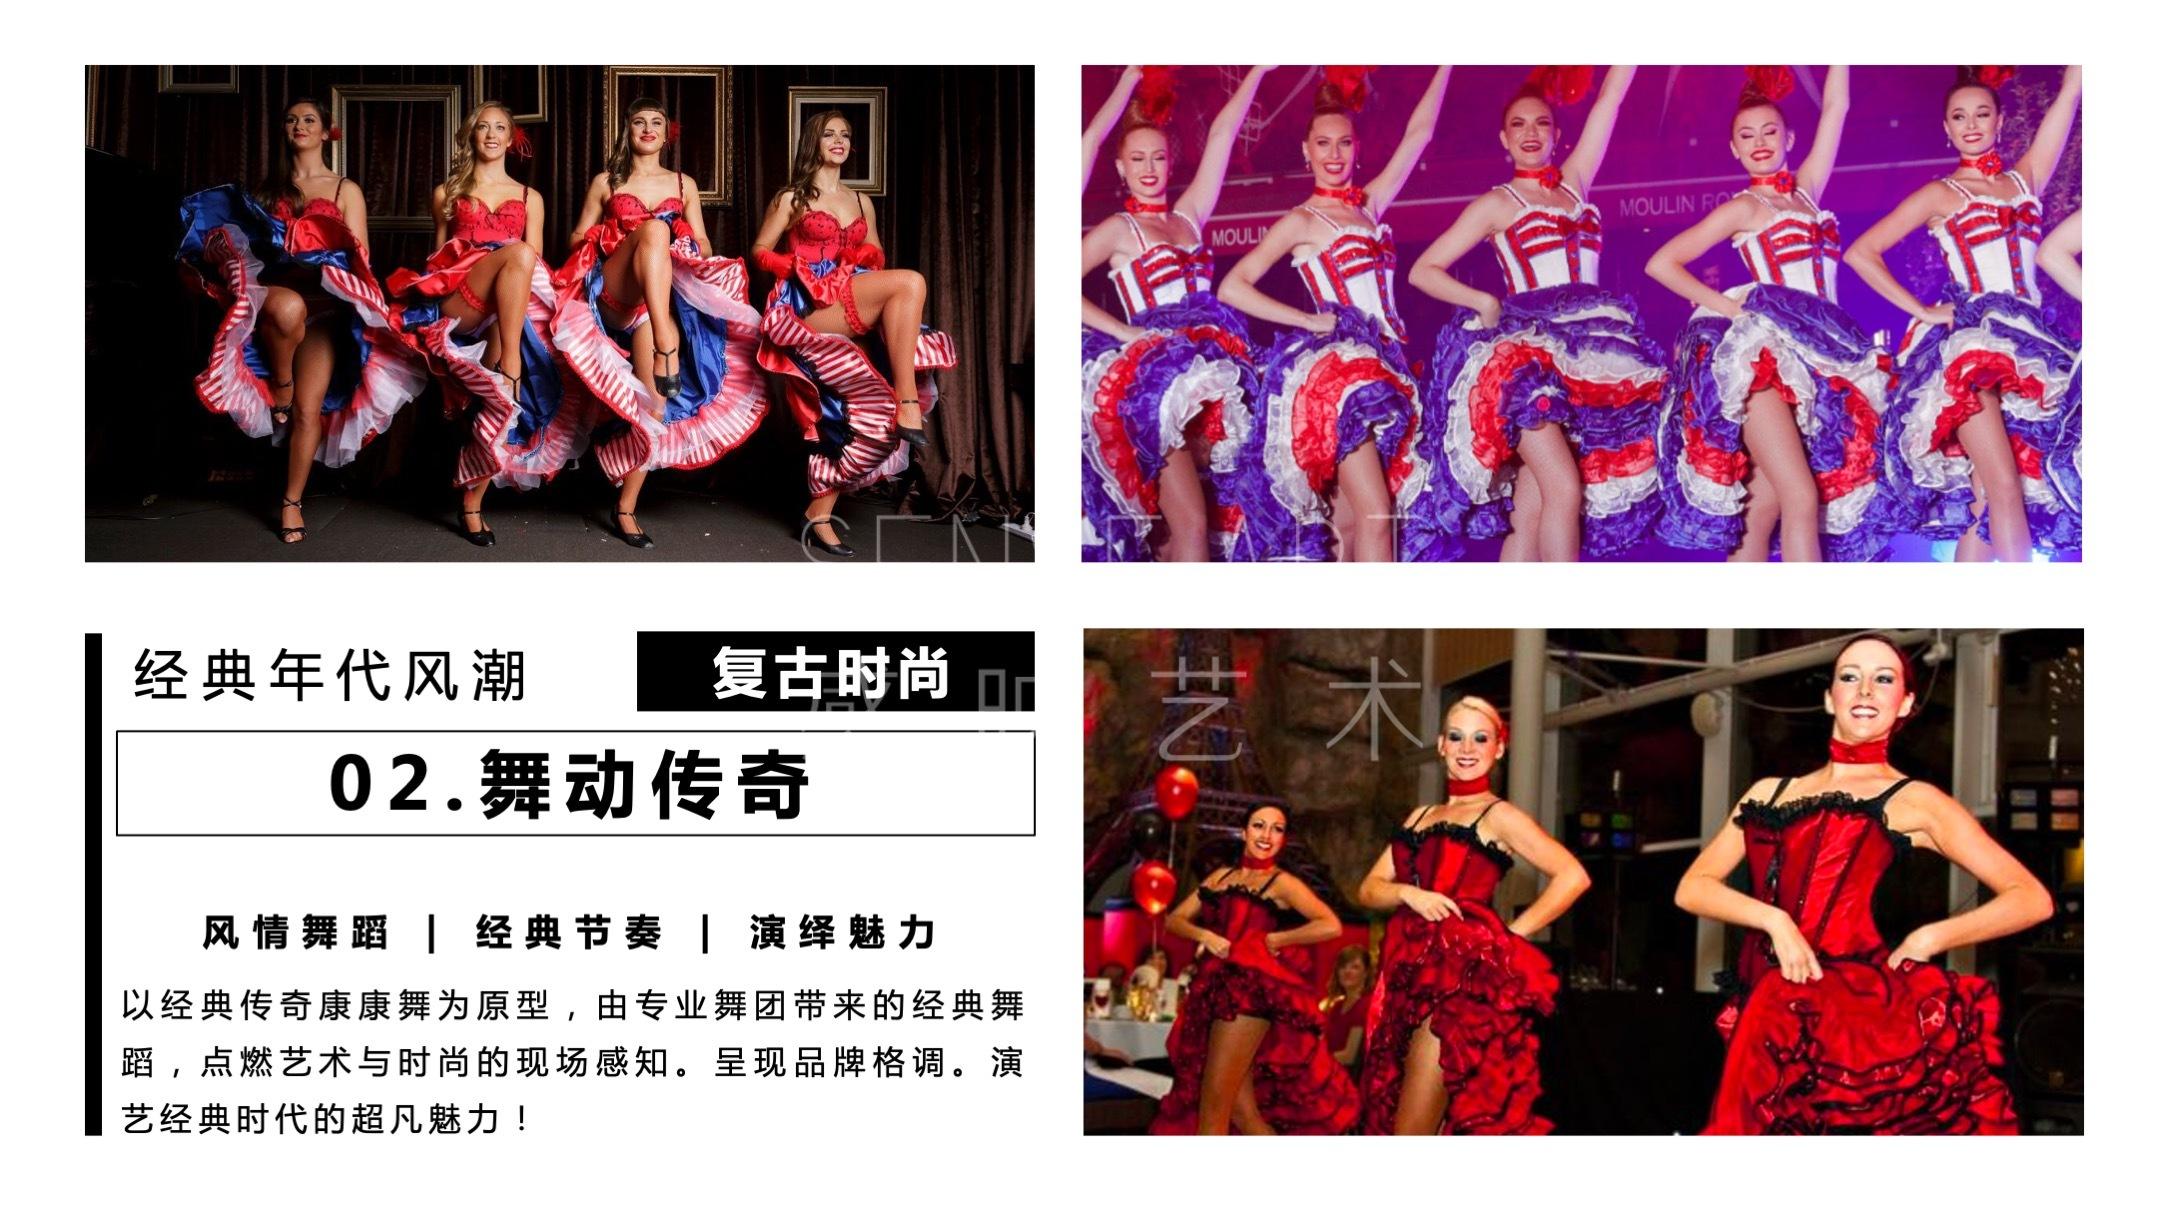 【酒中礼遇】传奇年代鸡尾酒服时尚艺术收藏展